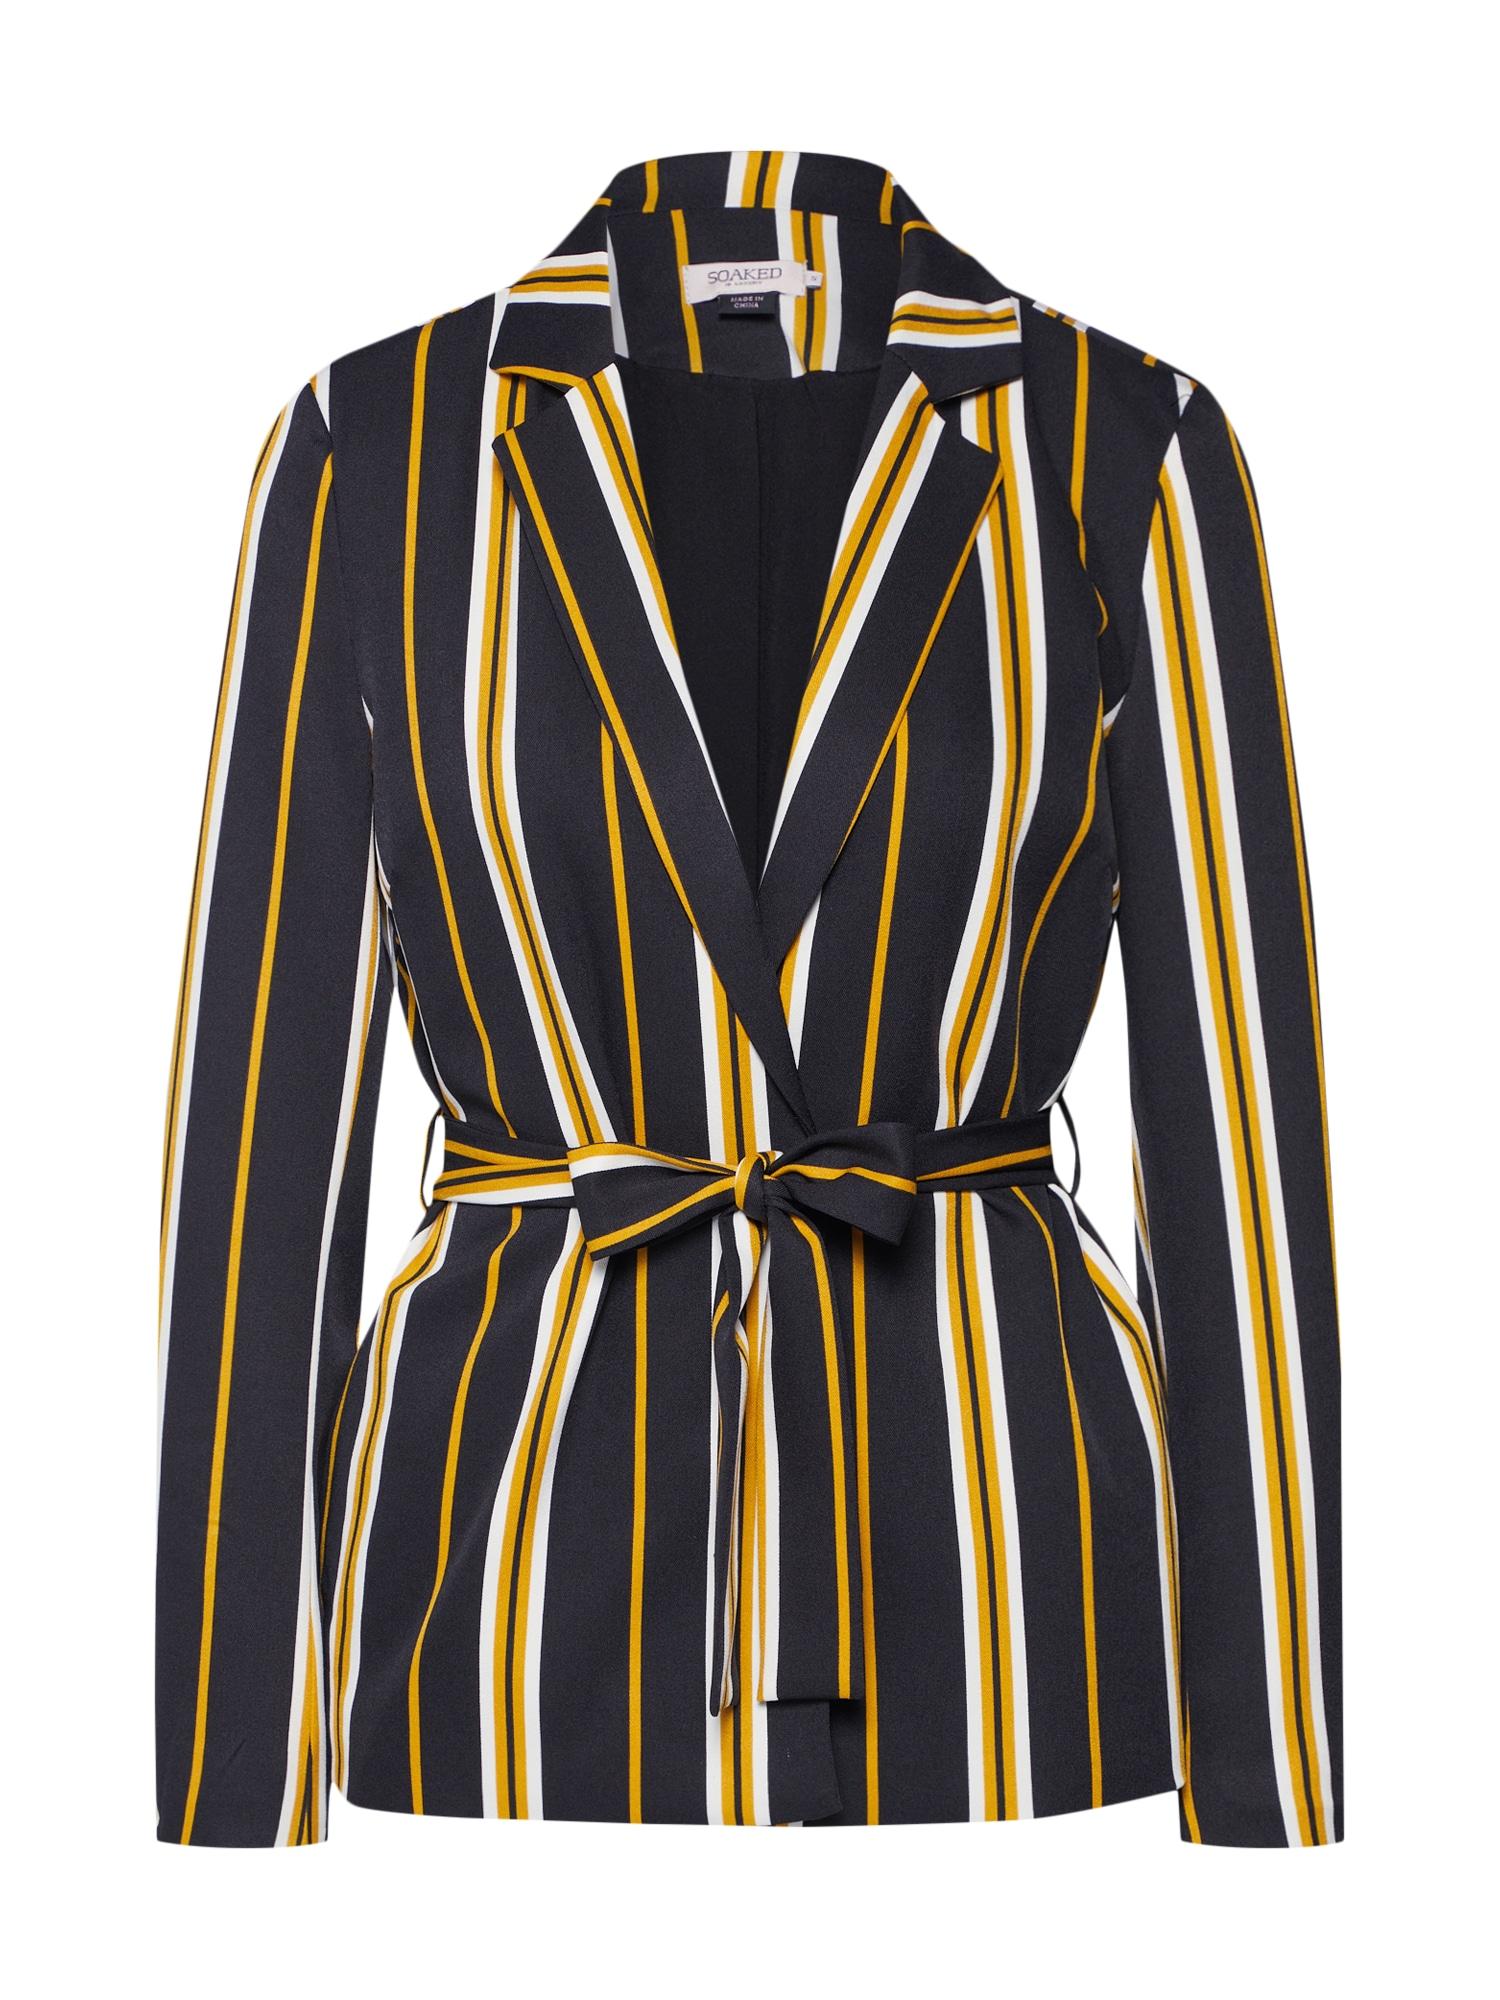 Blejzr Malia Jacket béžová žlutá černá SOAKED IN LUXURY